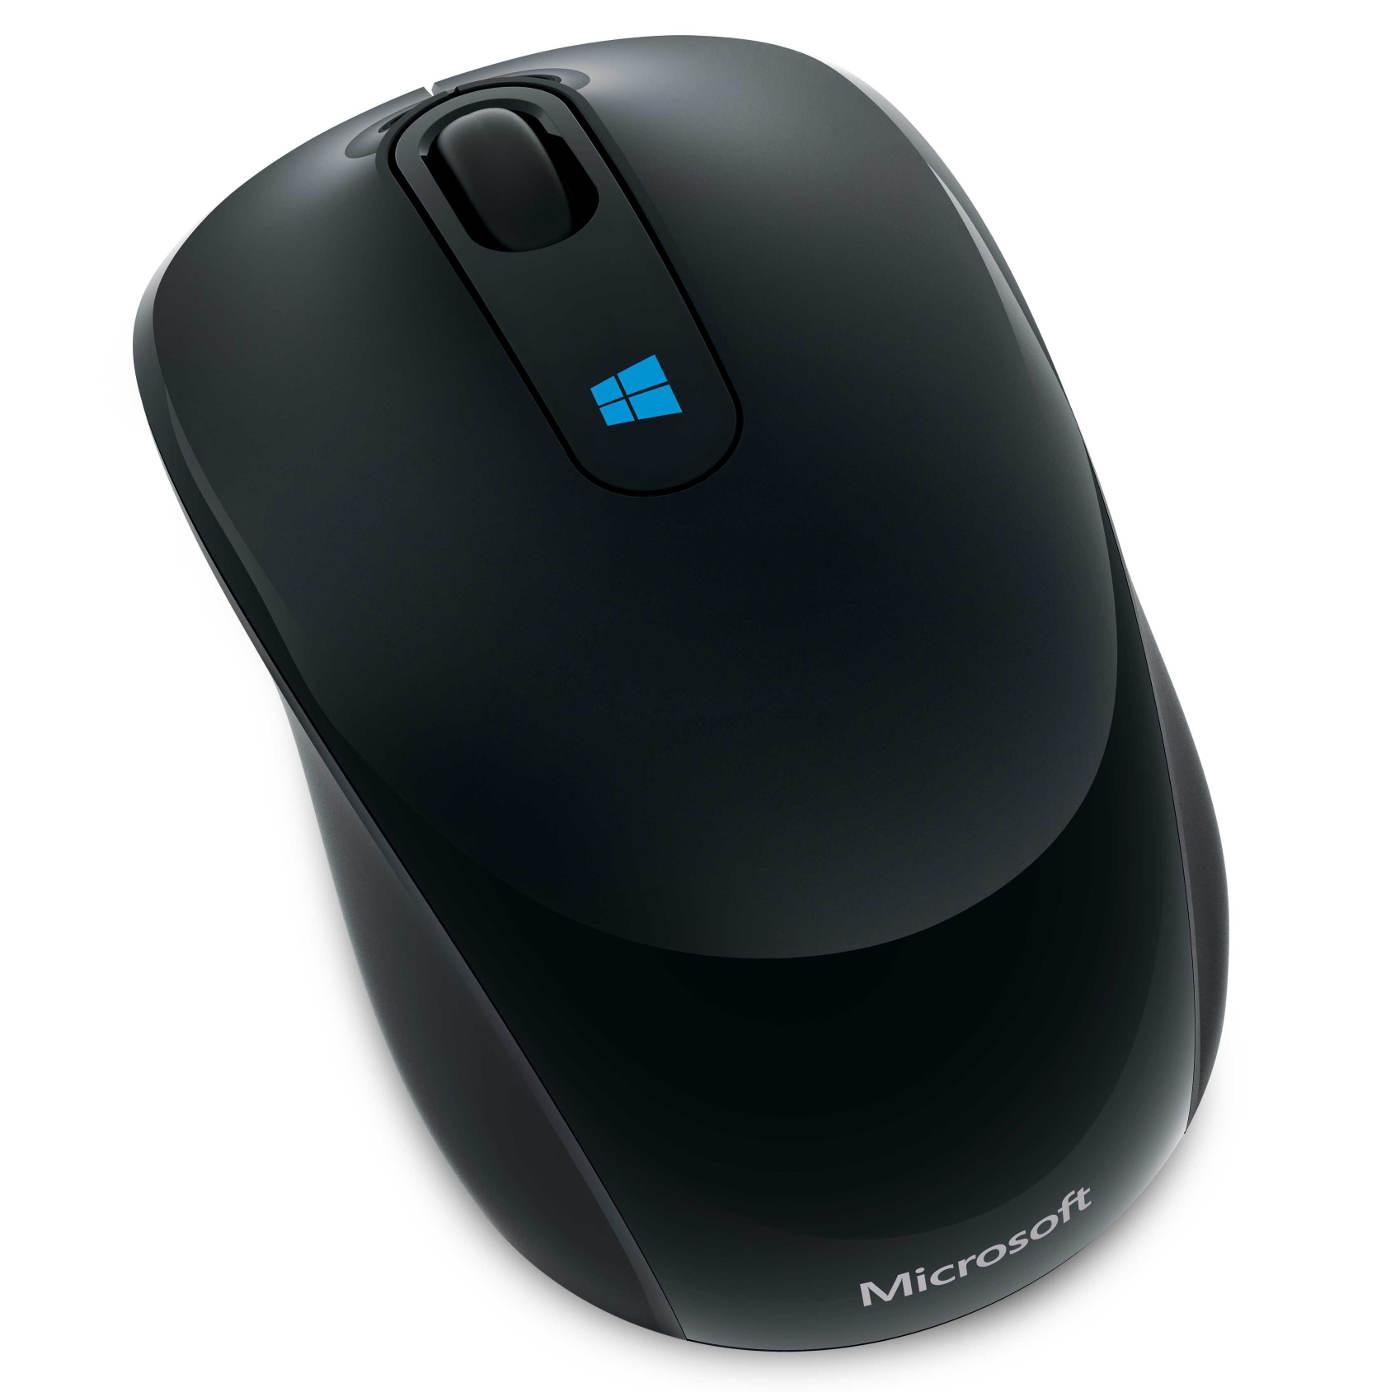 Microsoft Sculpt Mobile Mouse Souris Pc Microsoft Sur